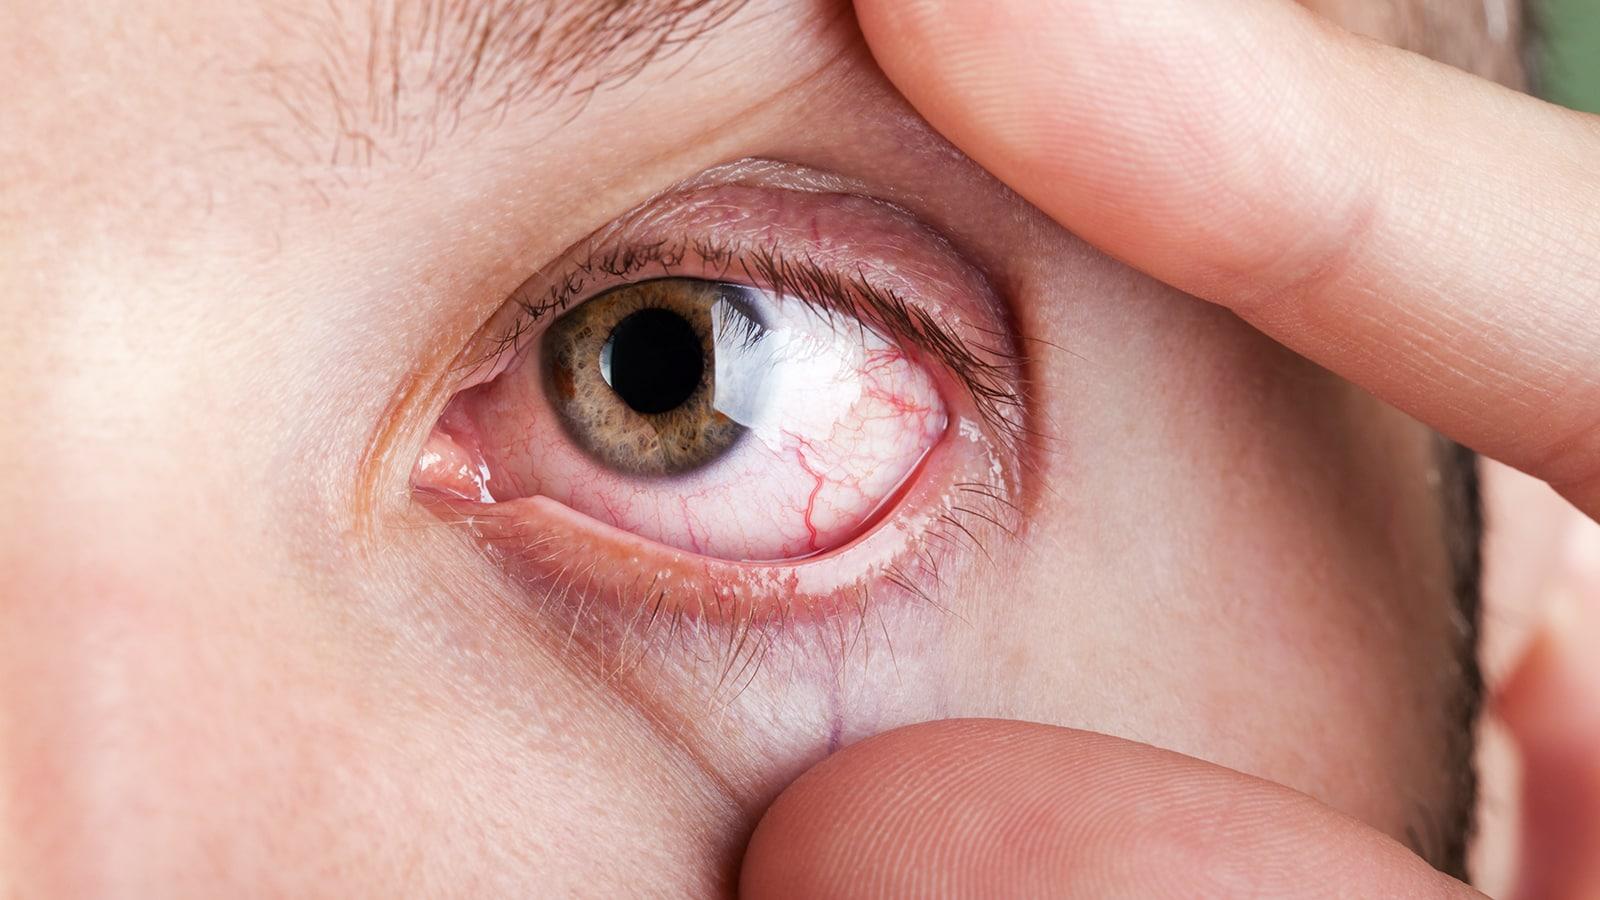 دلیل درد چشم چیست؟